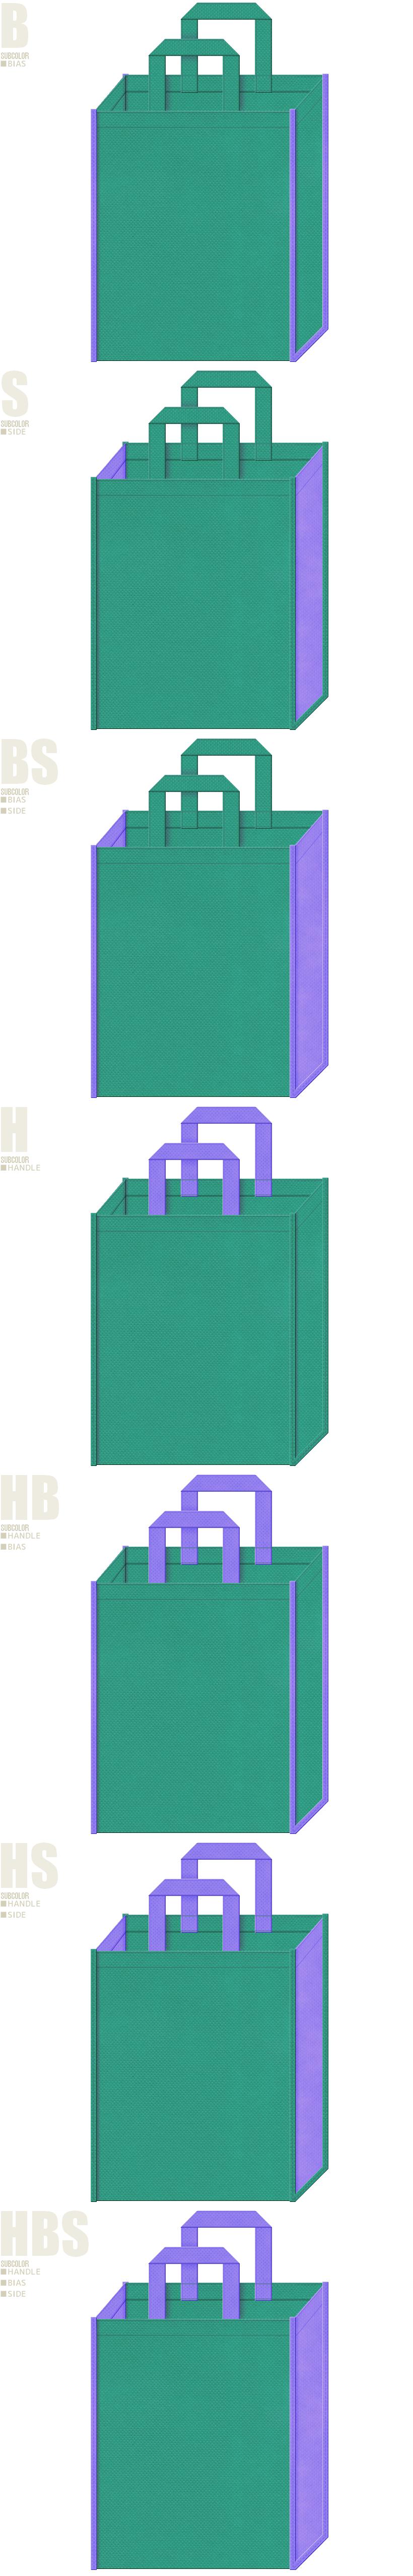 シャンプー・石鹸・洗剤・衛生・消毒・医療器具・お掃除用品・家庭用品の展示会用バッグにお奨めの不織布バッグのデザイン:青緑色と薄紫色の配色7パターン